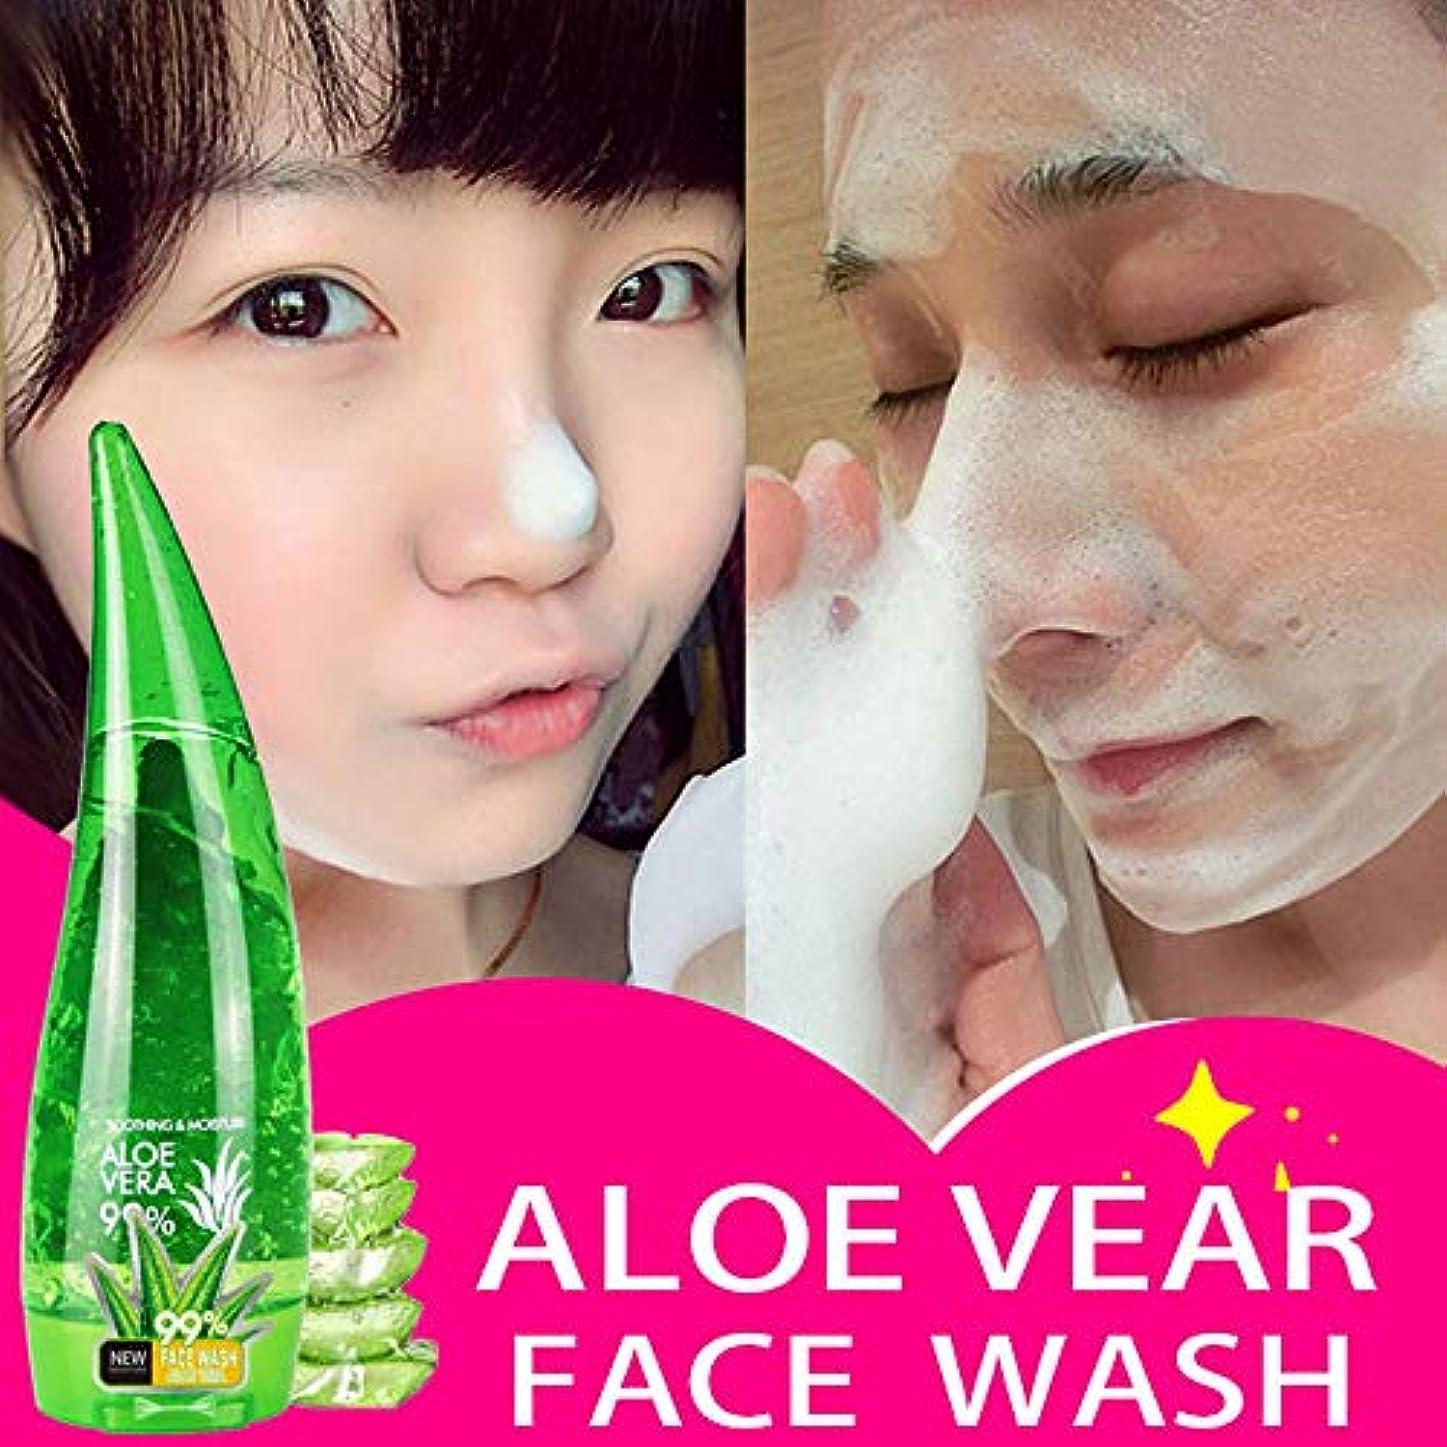 分子シンプルさおとうさんAkane Pretty Cowry 顔洗い 綺麗に 素敵 水分補給 保湿 角質除去 クレンジング 浄化 オイルコントロール ジェル 使いやすい 洗顔料 アロエクリーム